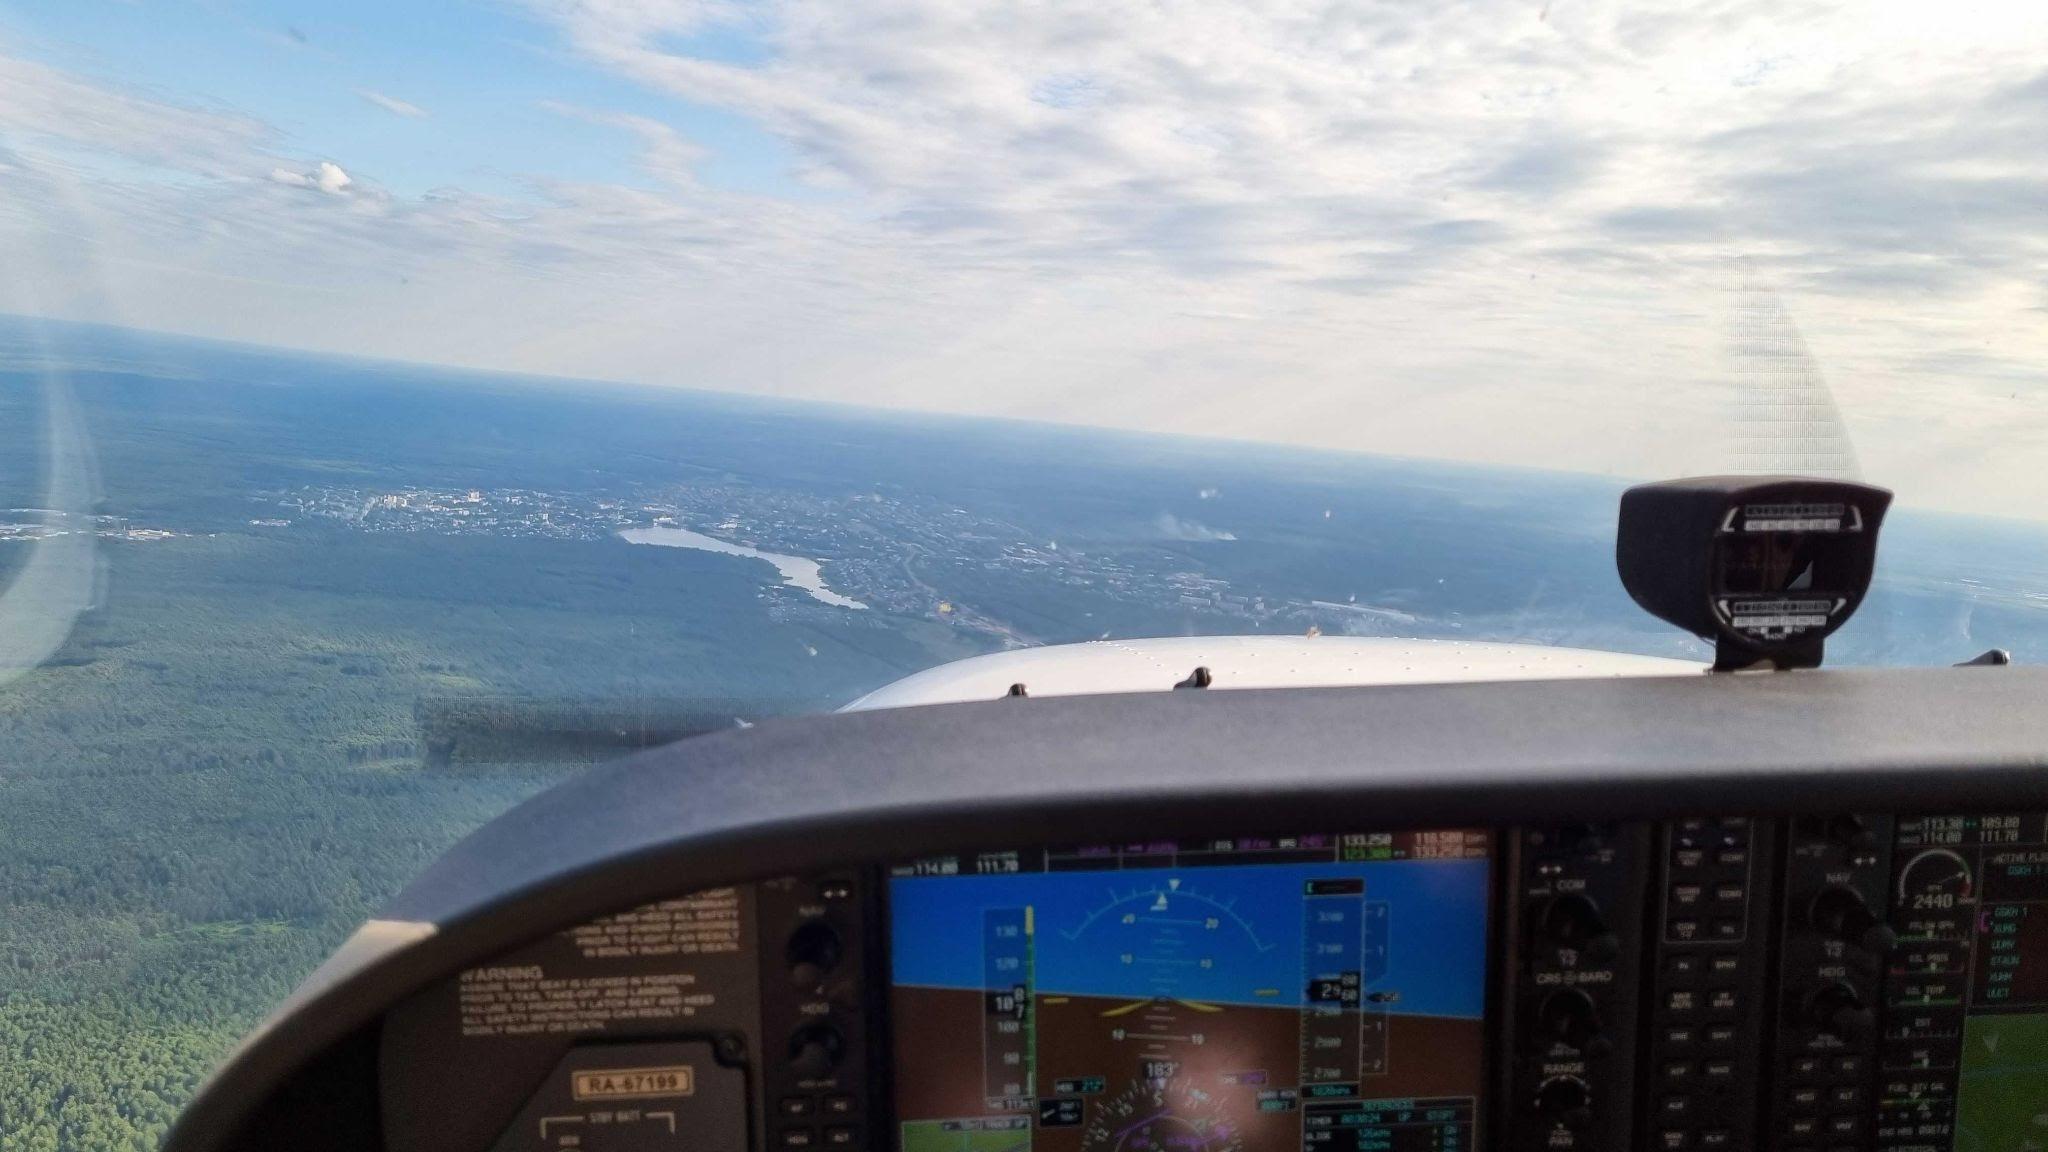 Обучение на частного пилота в России. Личный опыт - 10